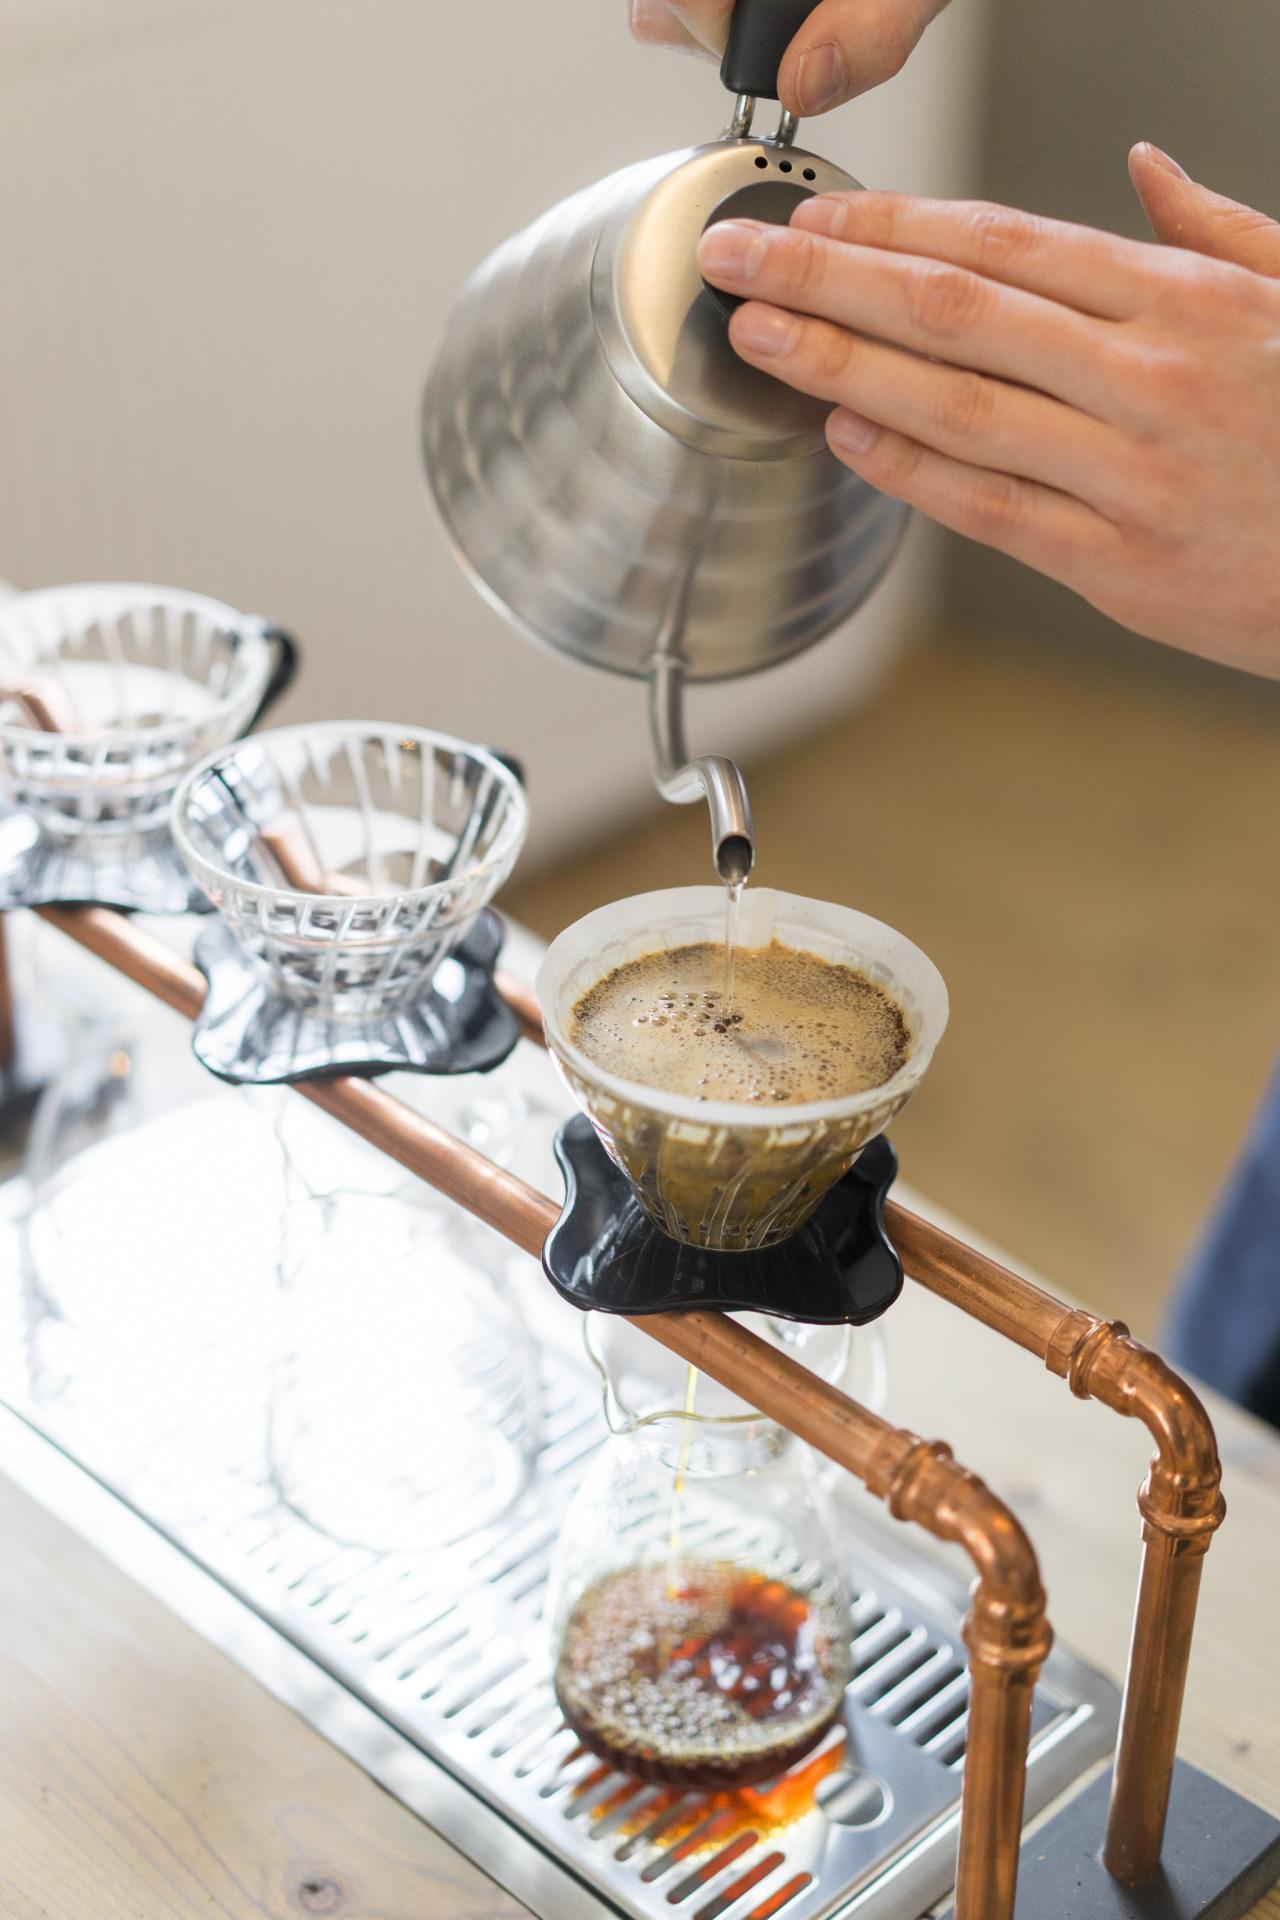 neues-schwarz-kaffee-dortmund-pottspott-22.jpg